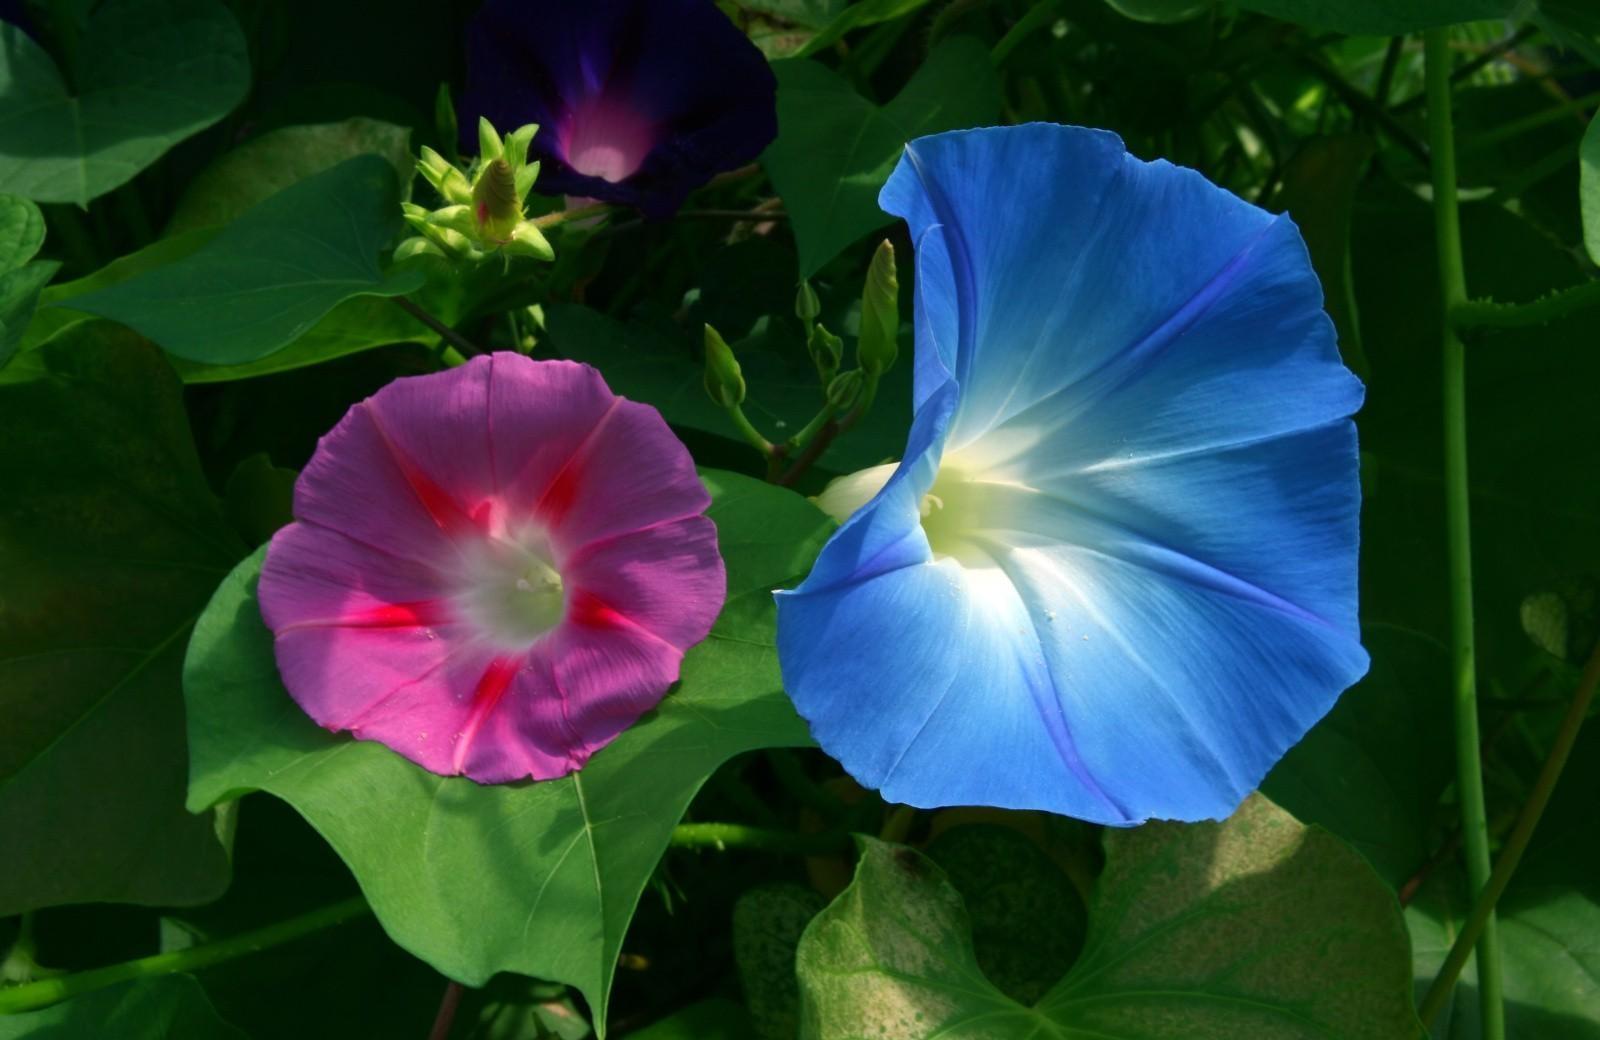 картинки цветка вьюн корпус представляет собой